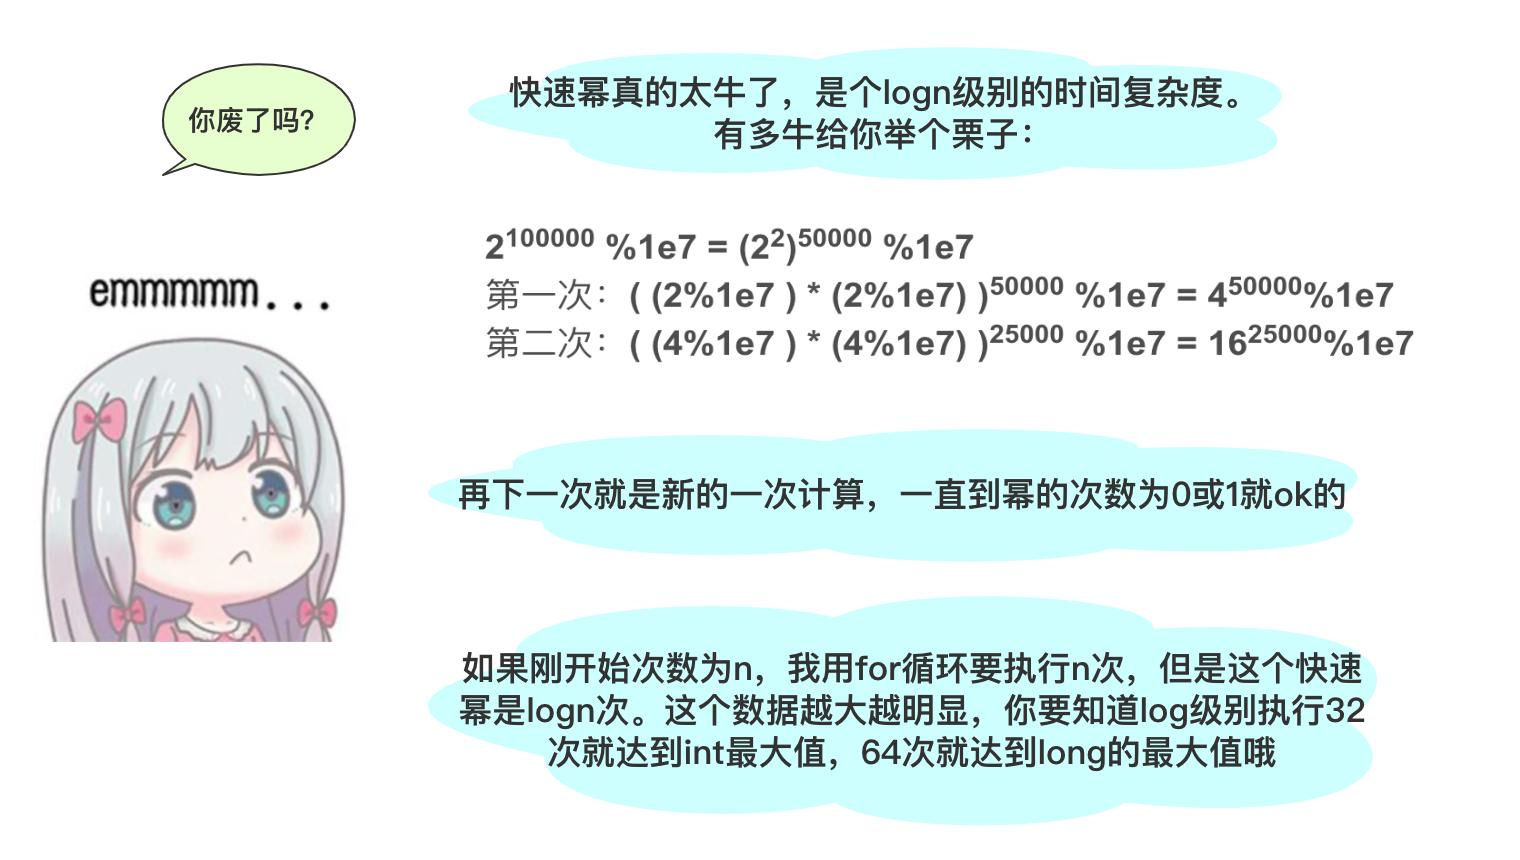 image-20201028180224832